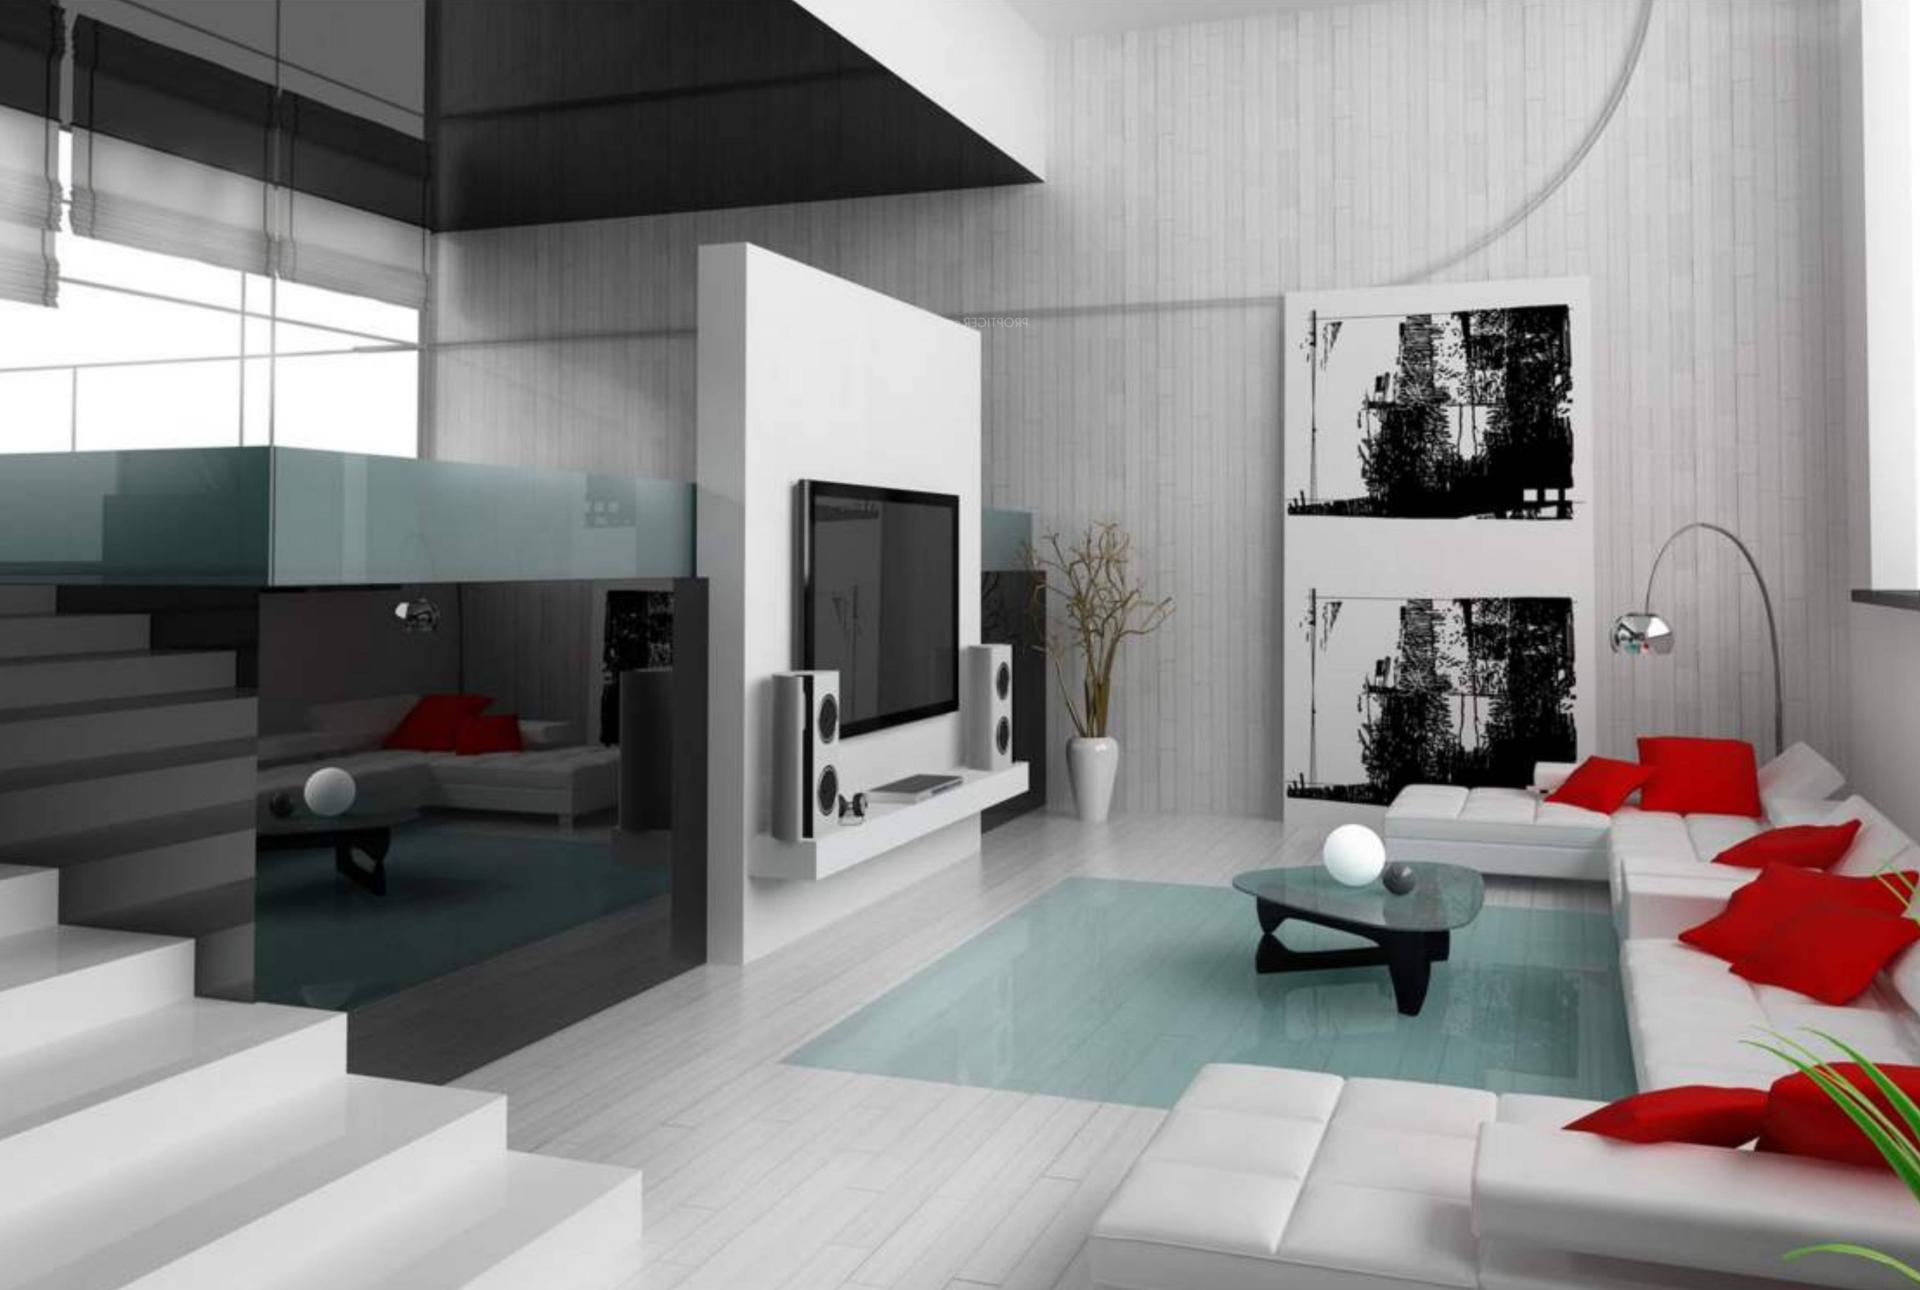 Дизайн интерьера в стиле хай-тек: основные черты